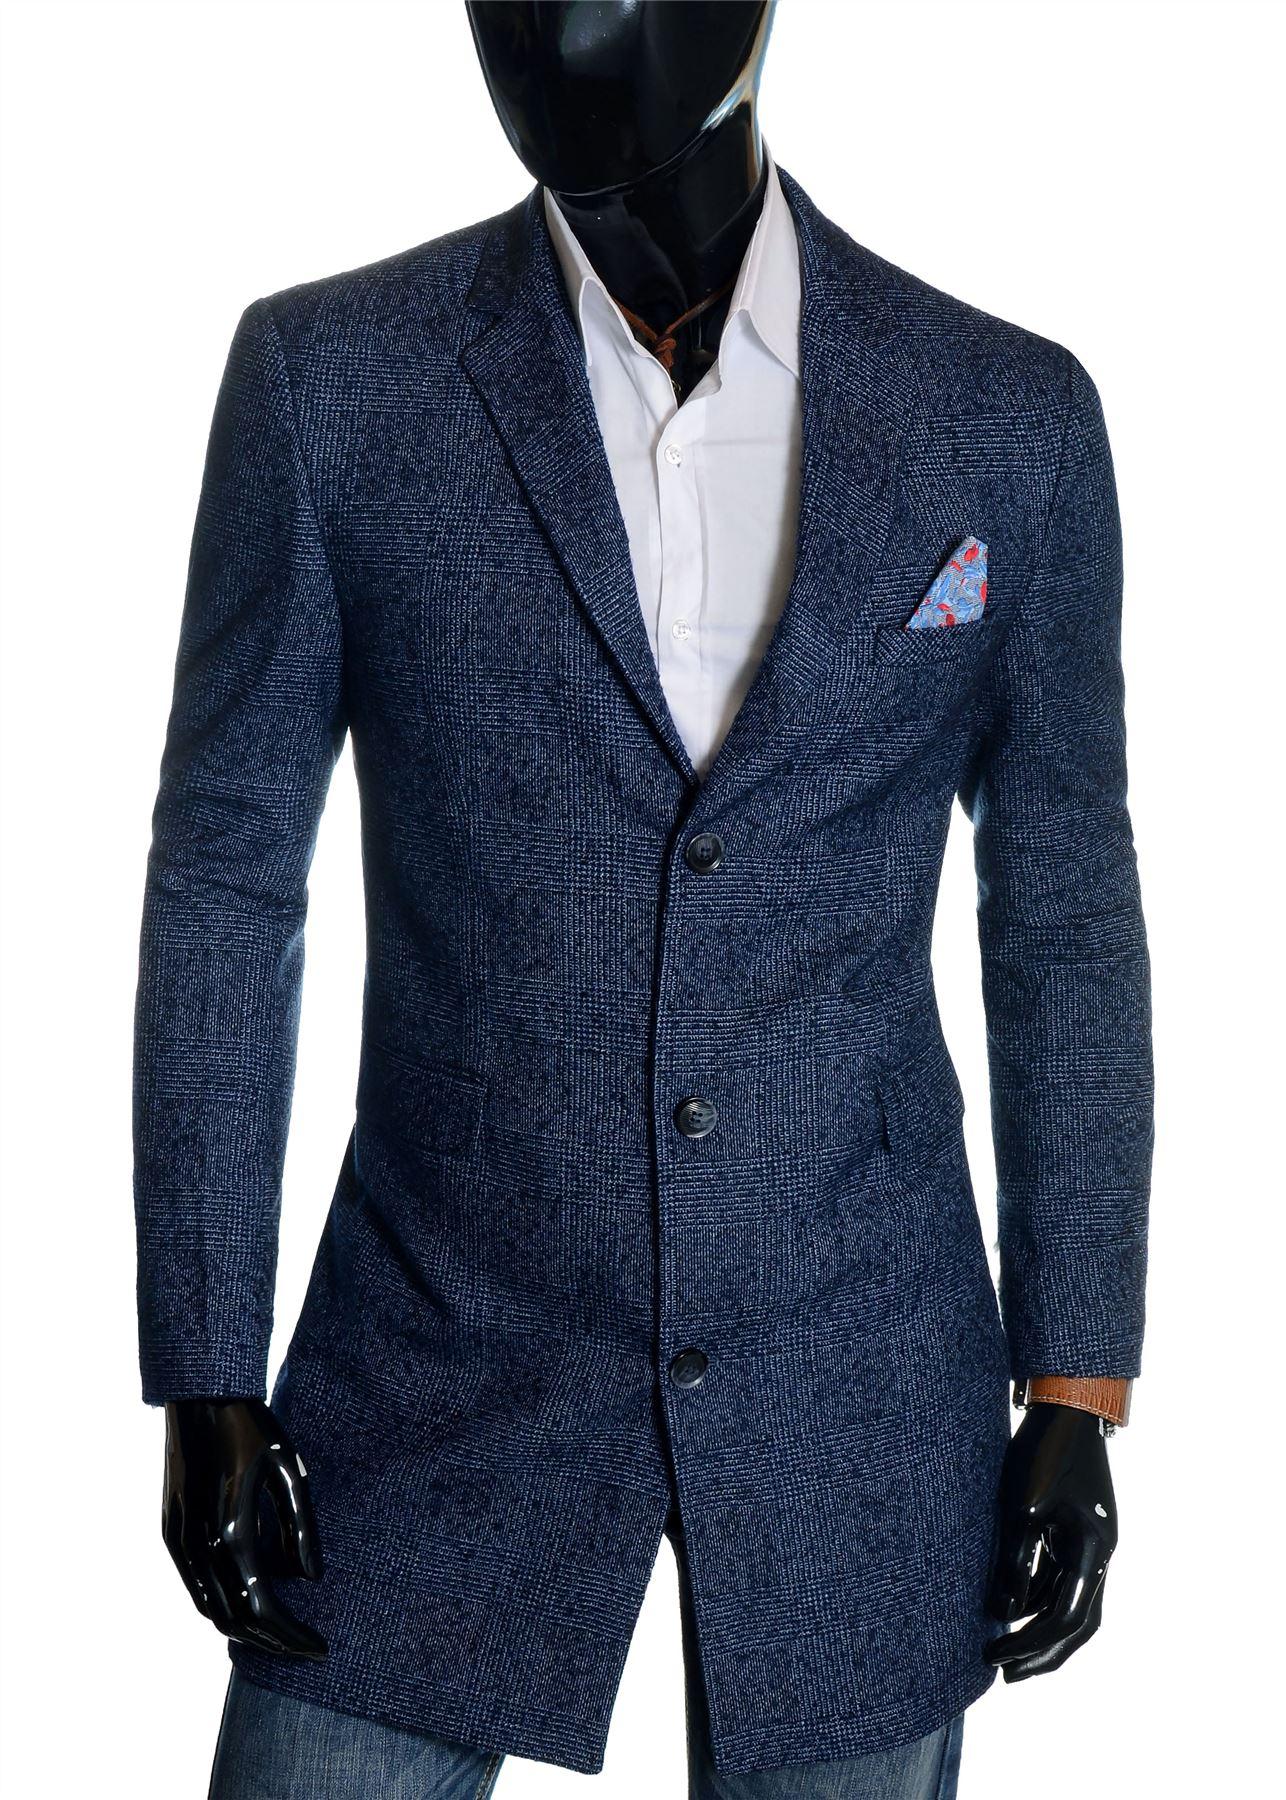 0237b836c Détails sur Homme à Carreaux Manteau 3/4 Long Tweed Laine Cachemire Trendy  Habillé Hiver